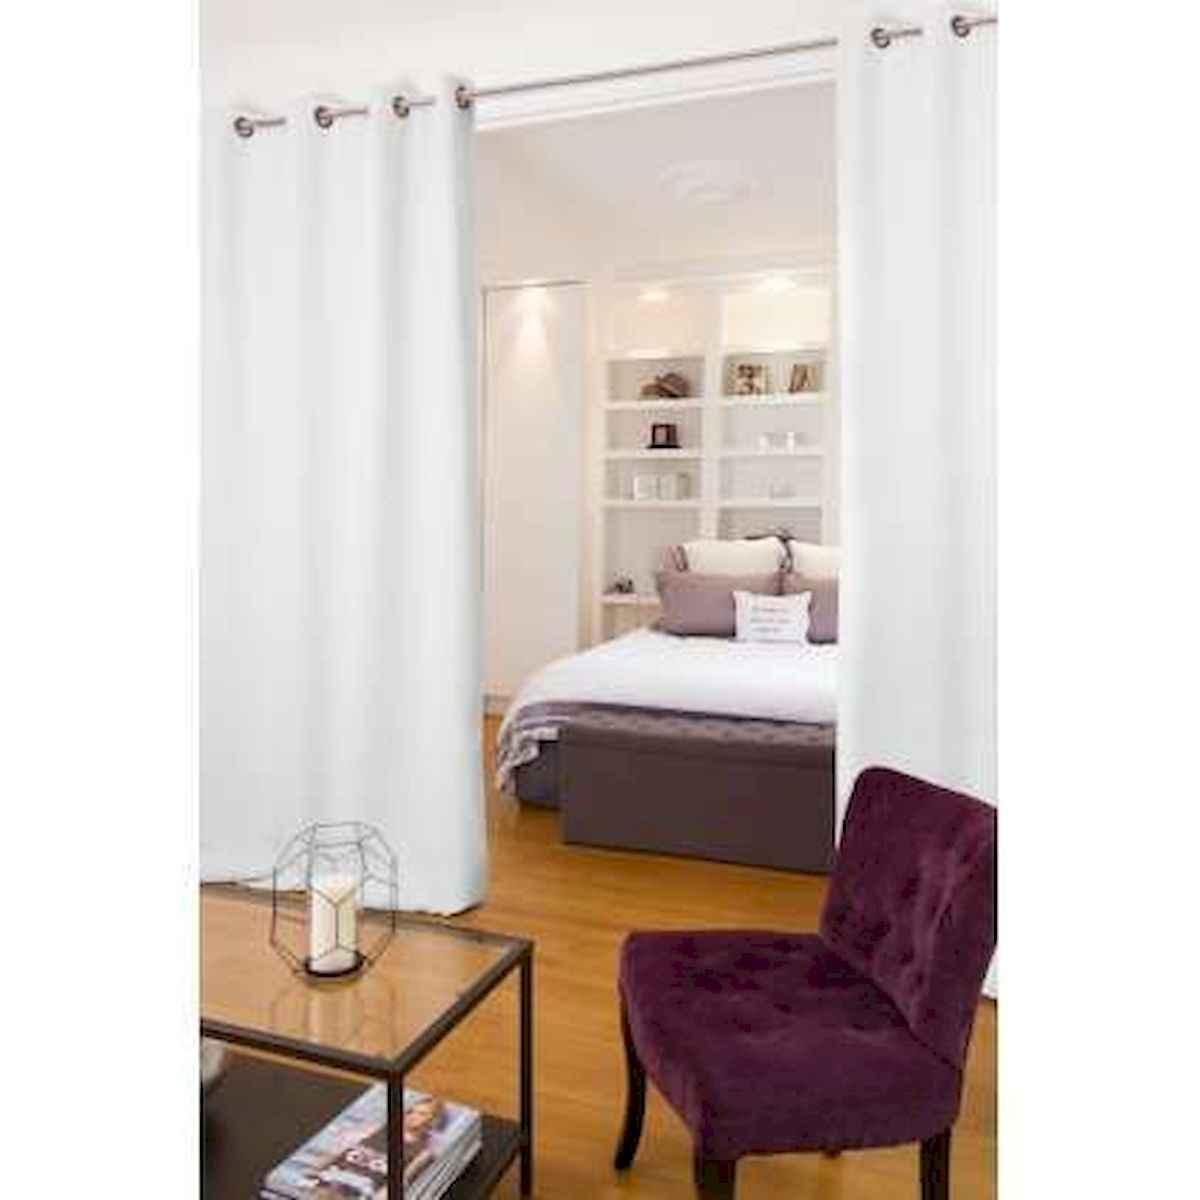 40 Favorite Studio Apartment Room Dividers Curtains Design Ideas and Decor (36)